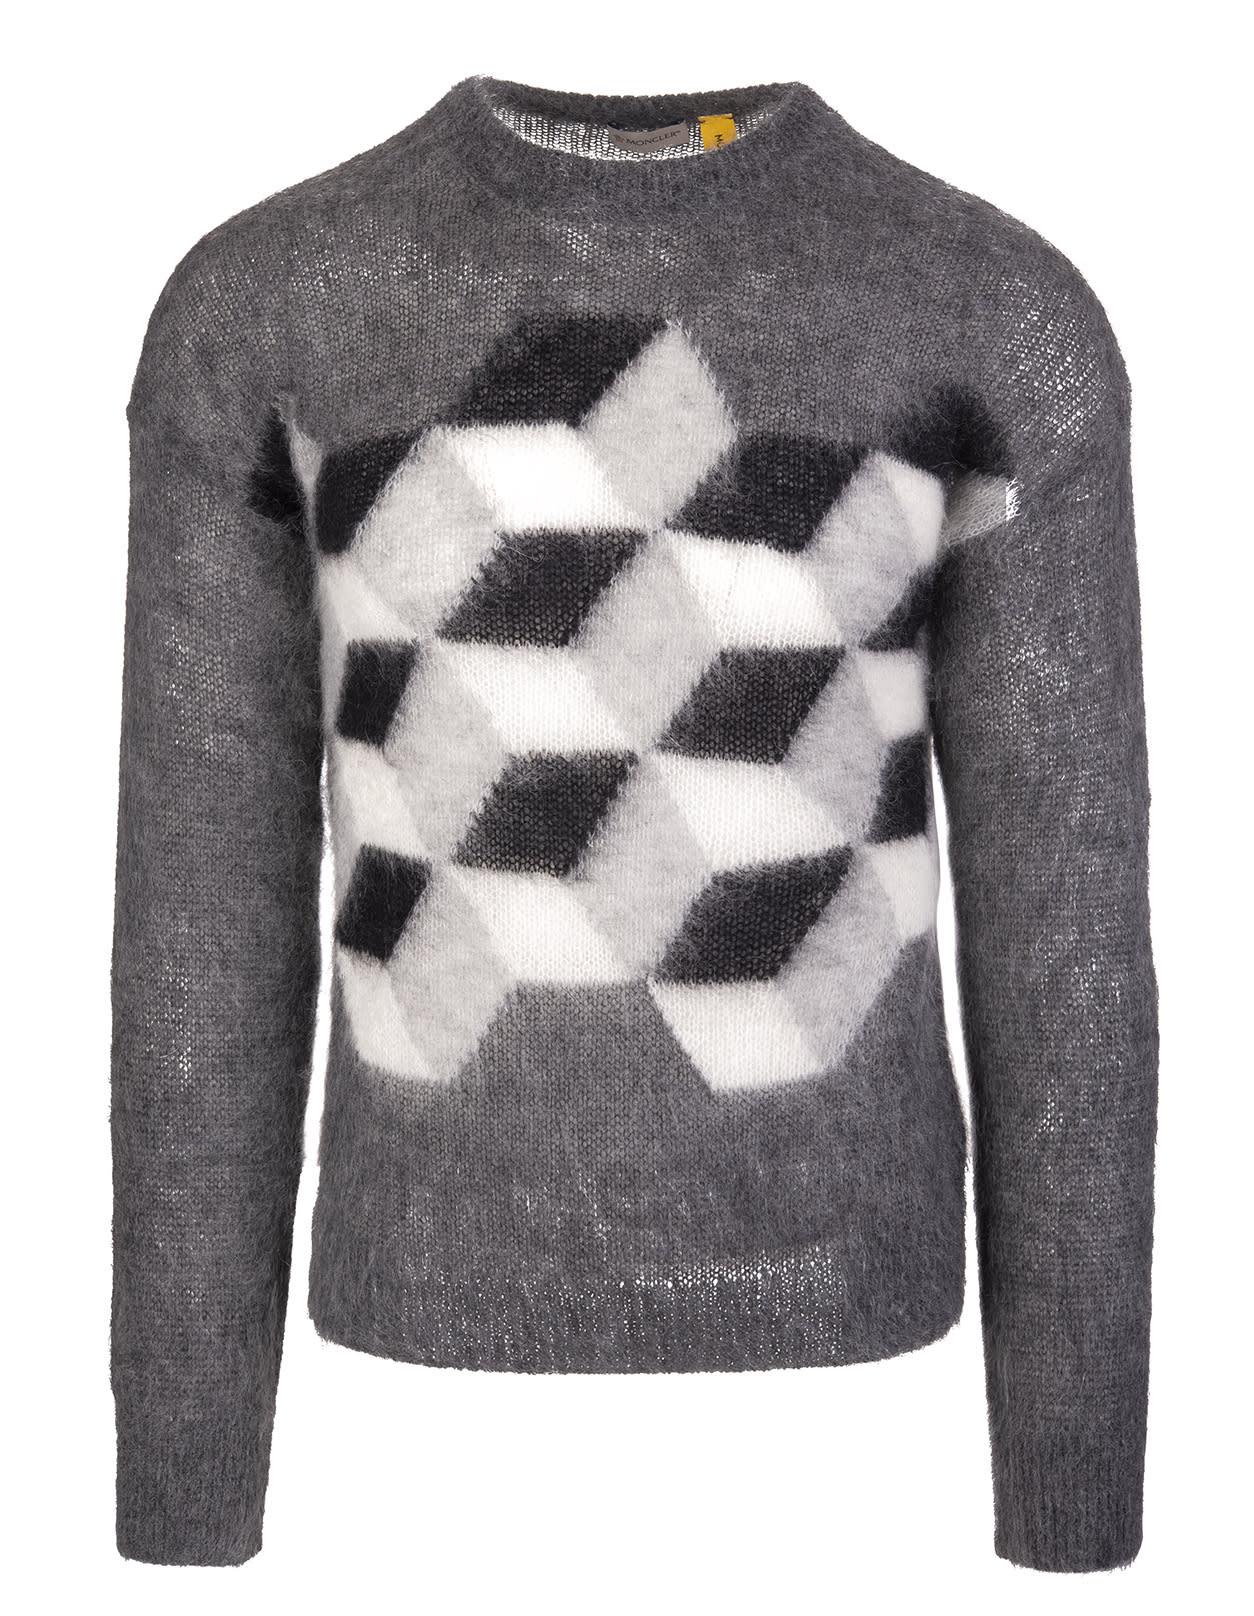 Grey Moncler Fragment Hiroshi Fujiwara Man Round-neck Sweater